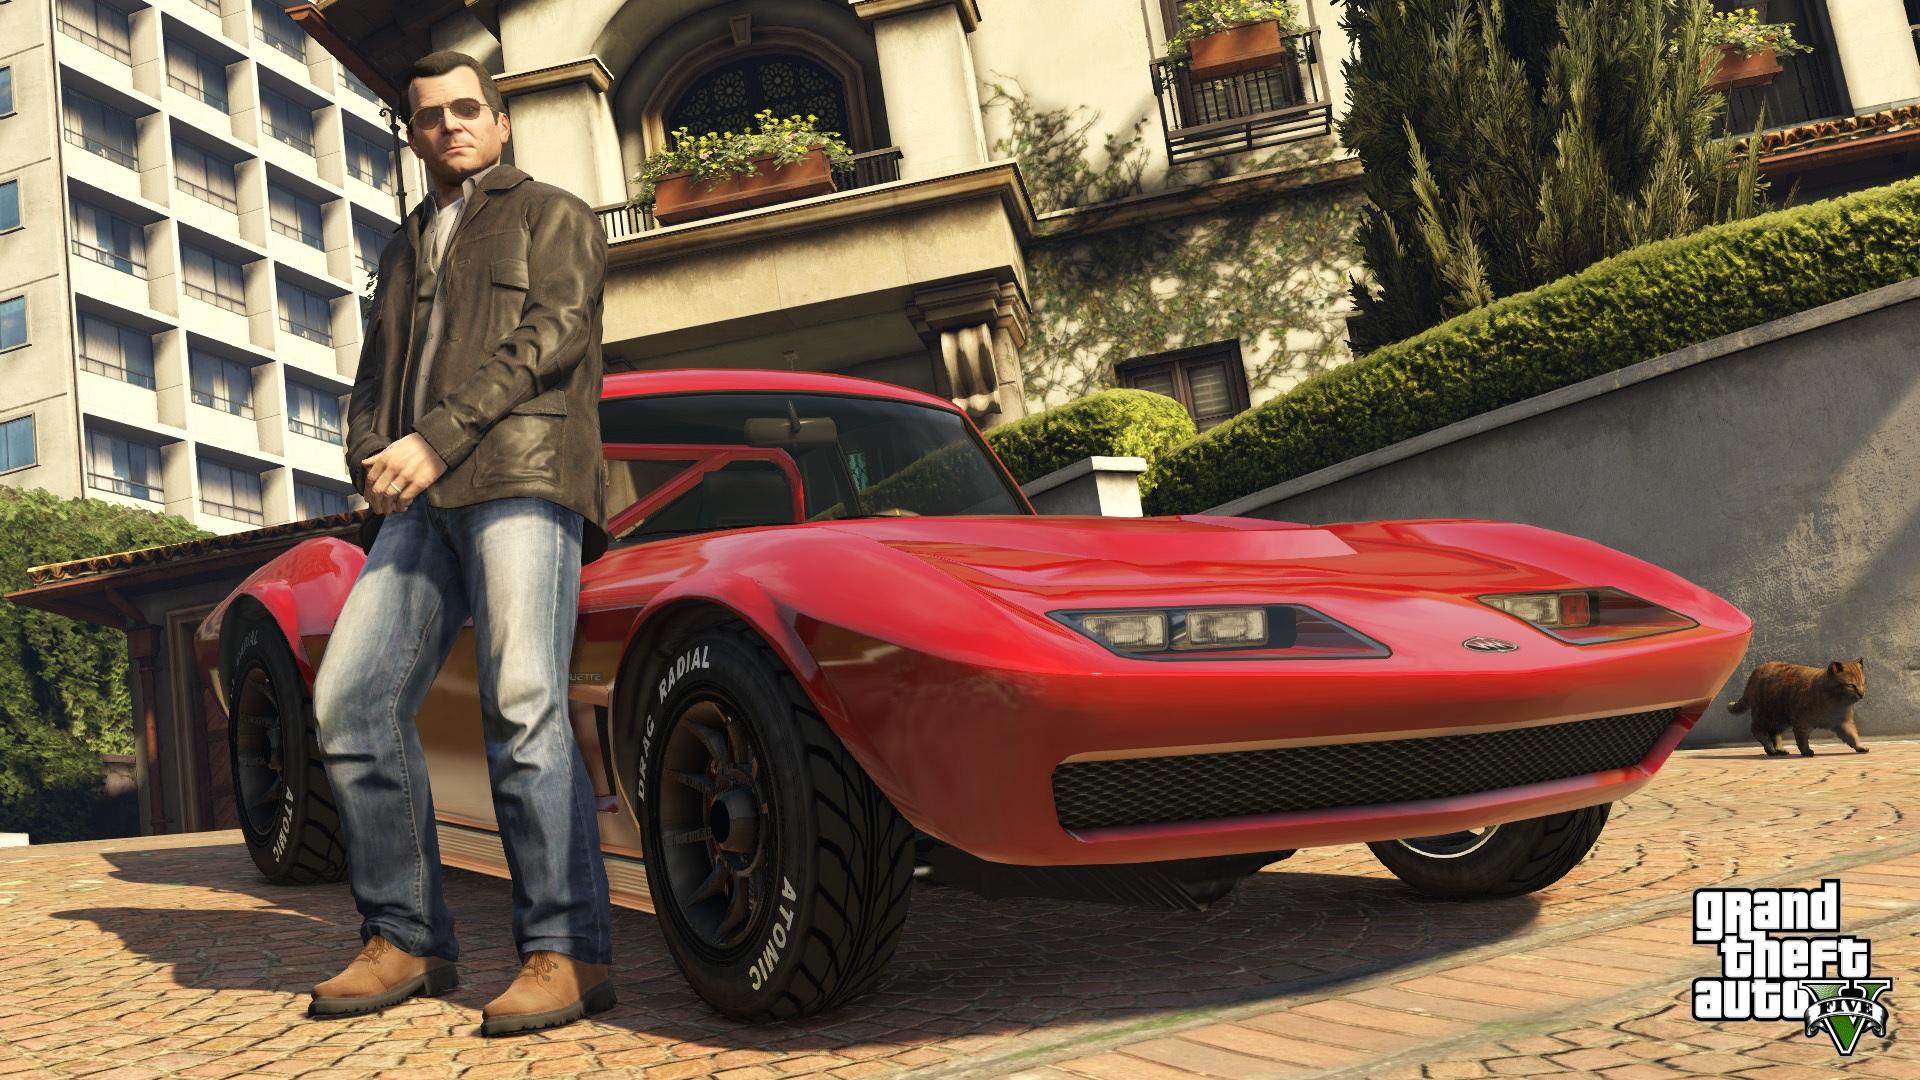 Michael De Santa Coquette classique GTA V